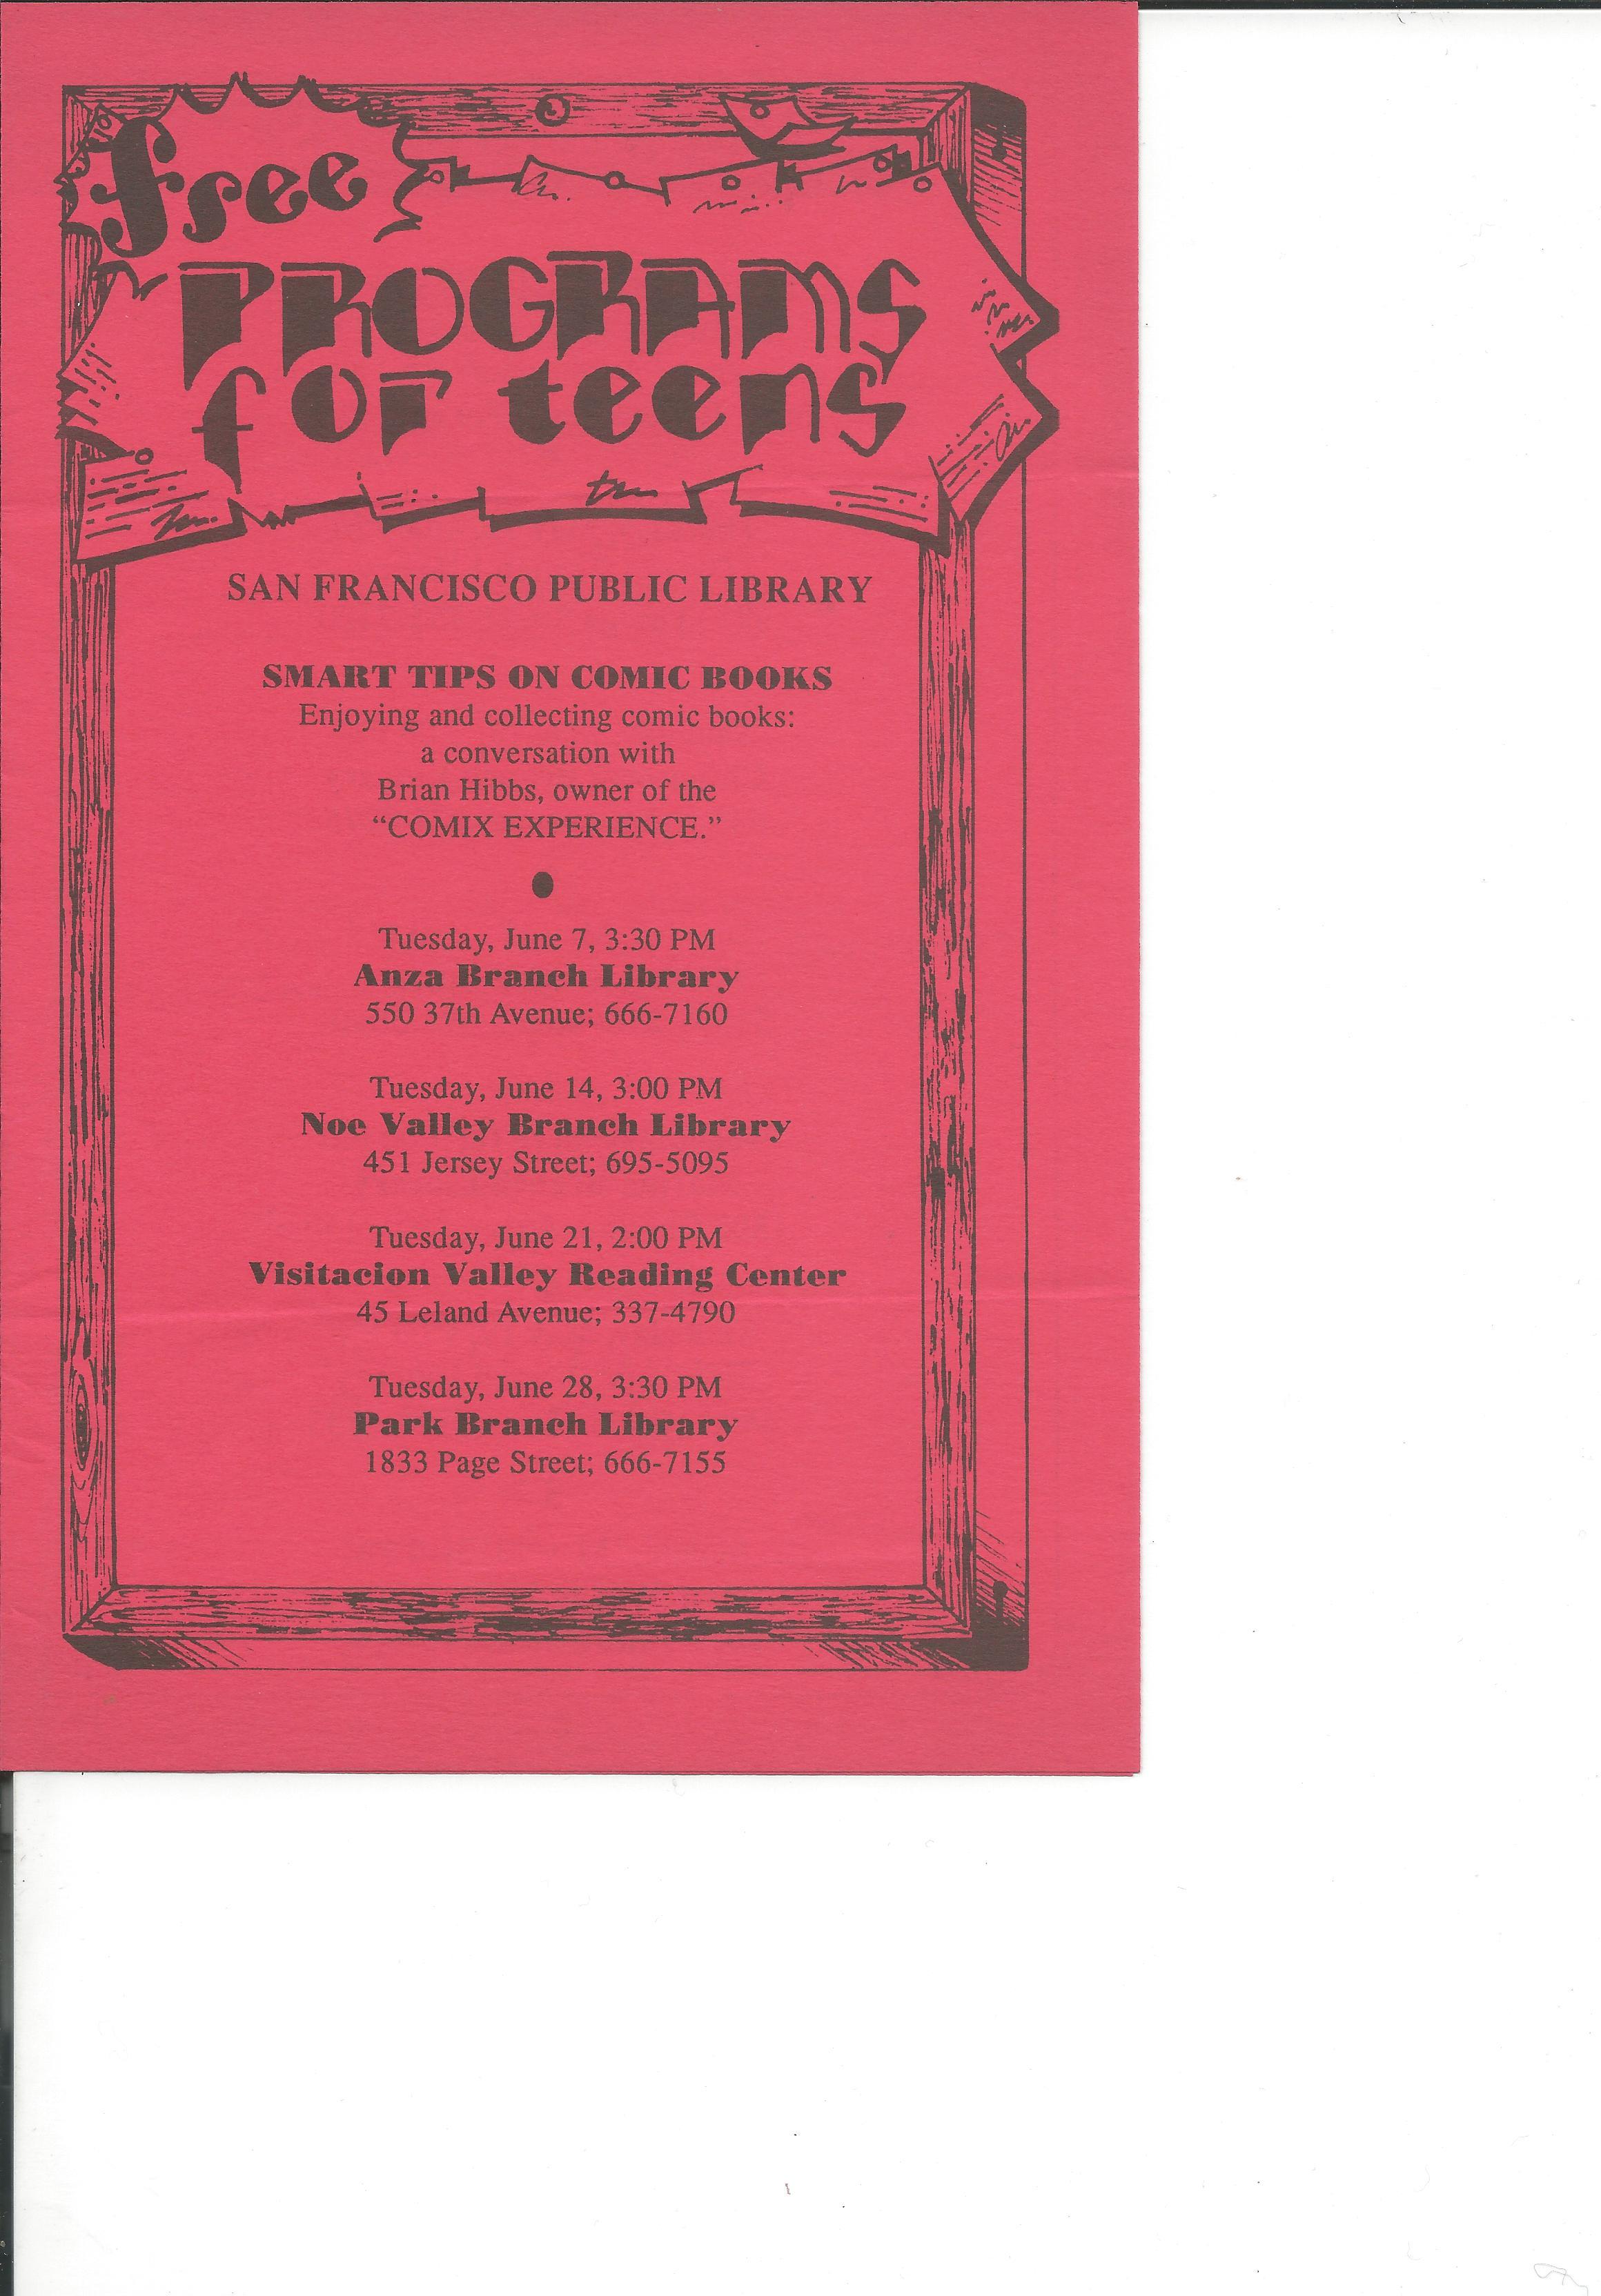 1994 June Library programs.jpg